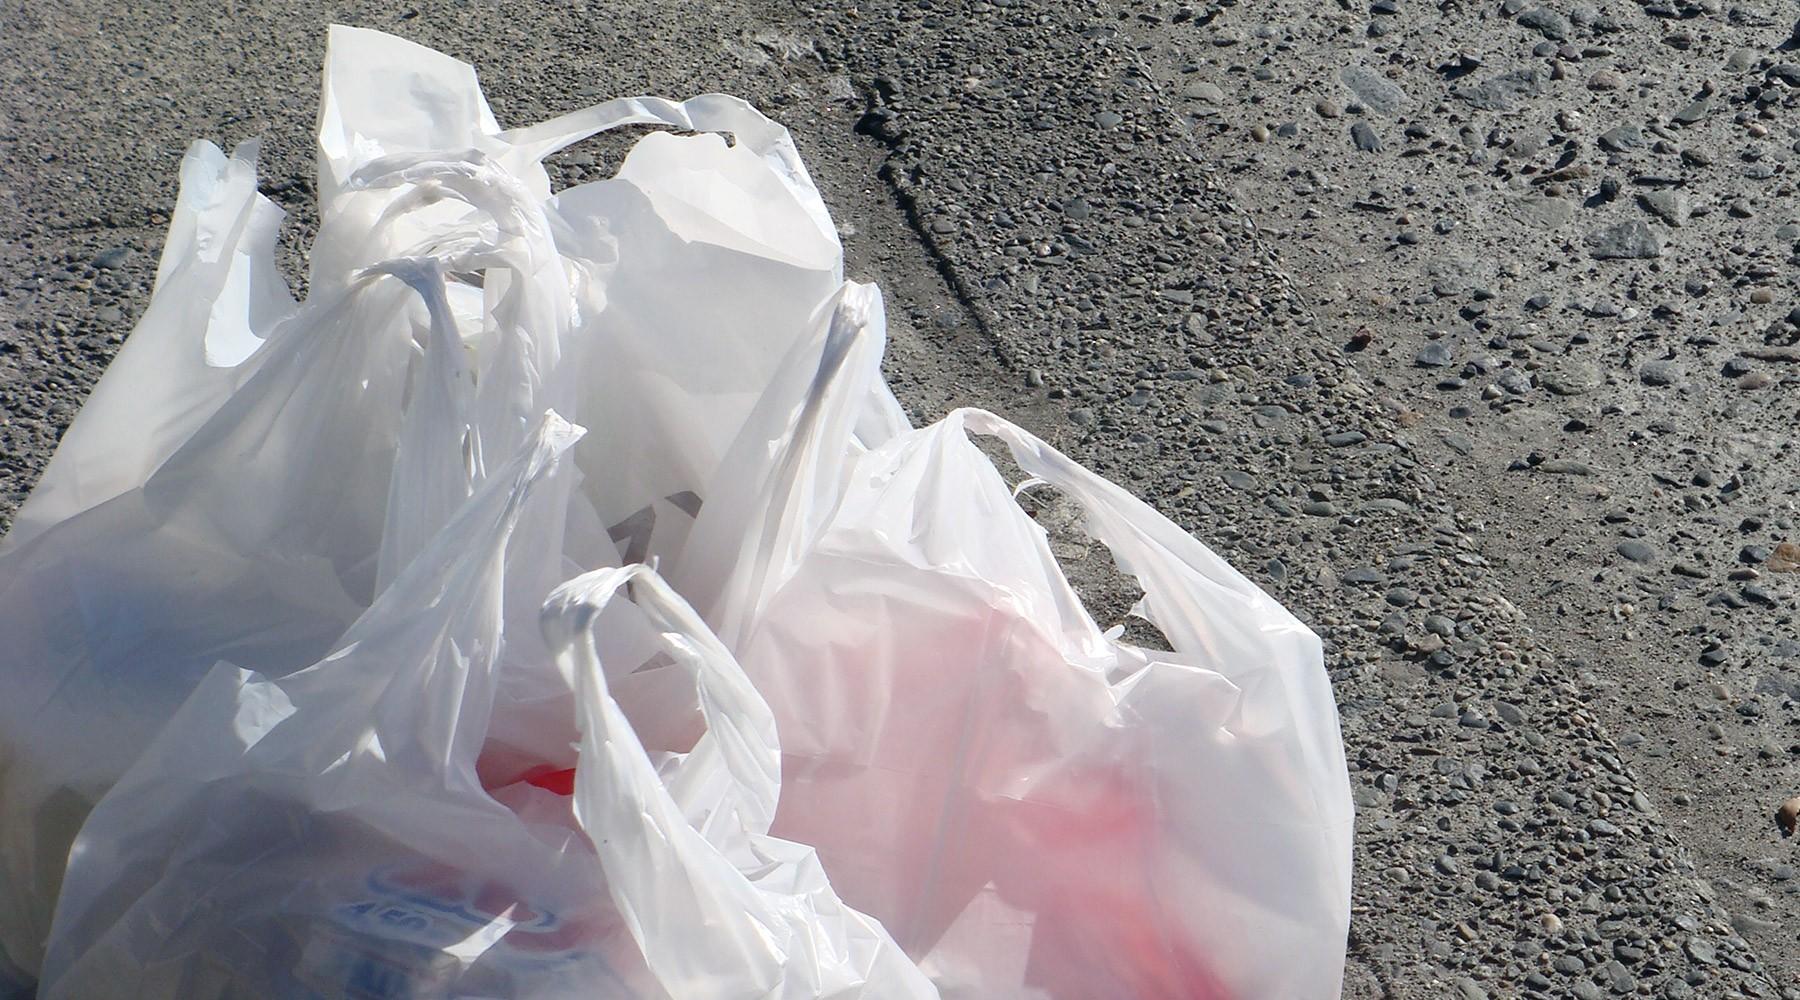 Sacs de plastique